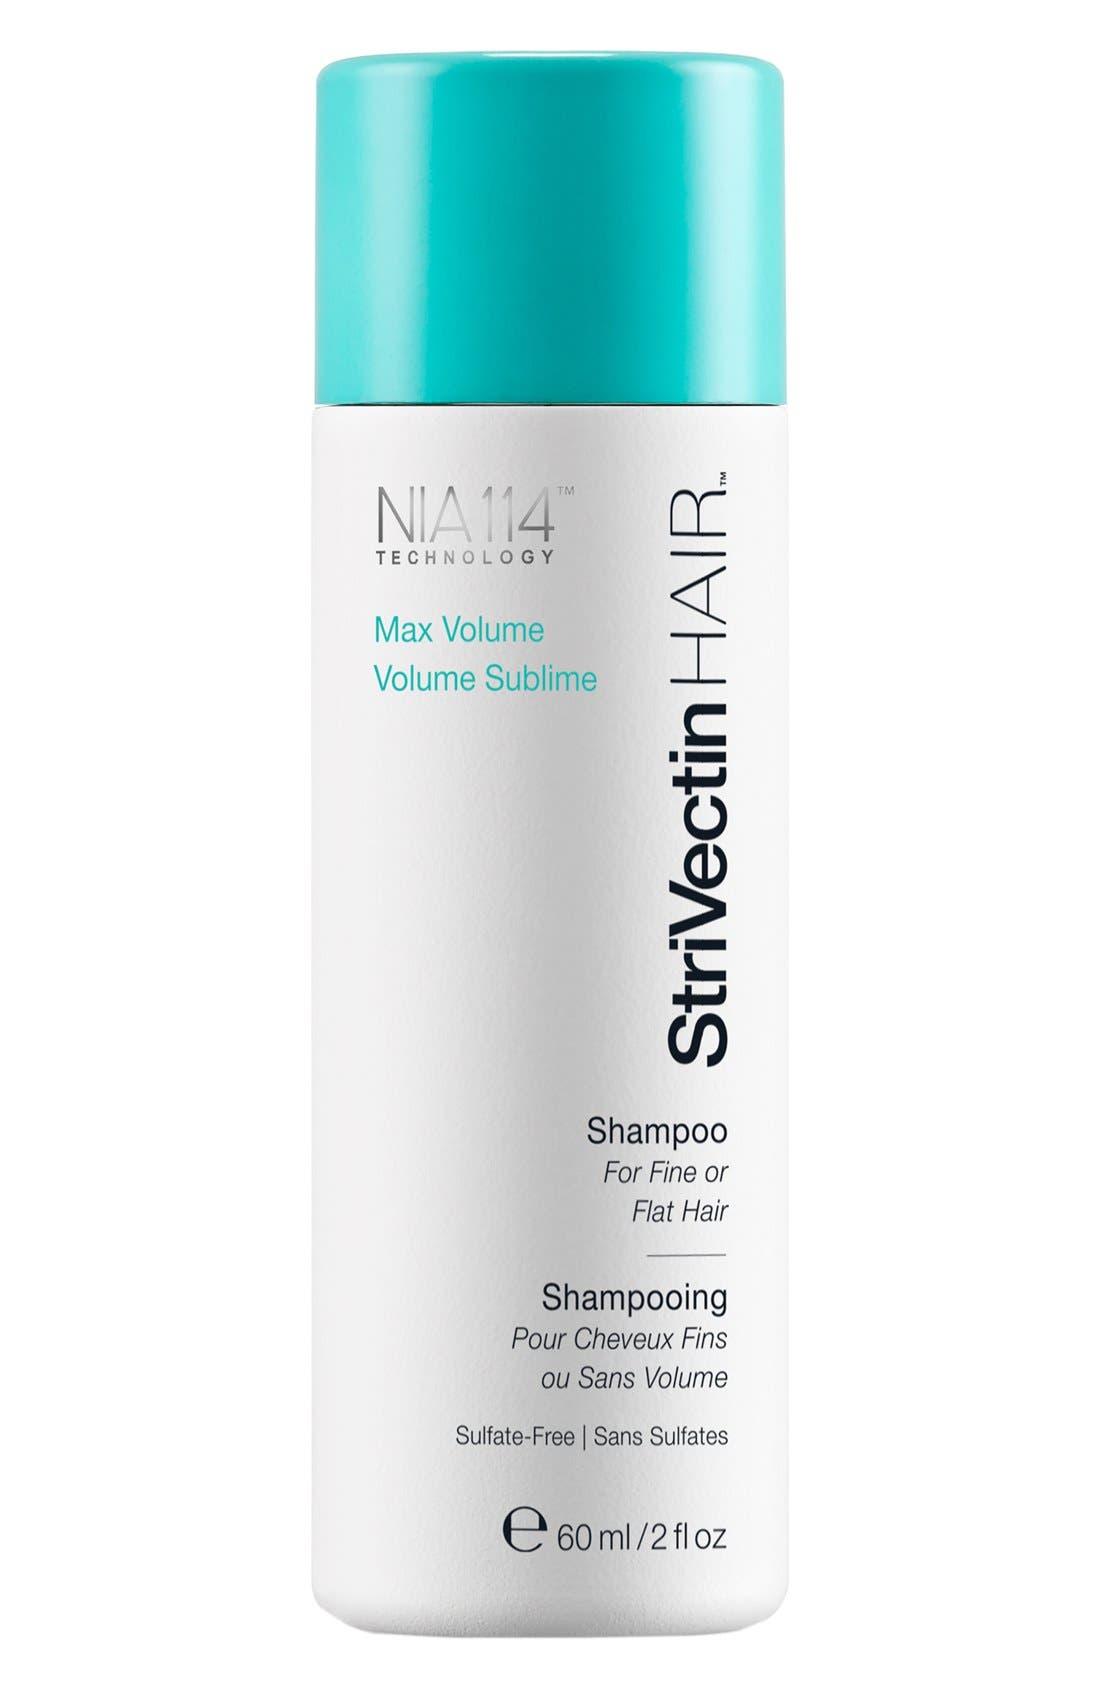 StriVectinHAIR™ 'Max Volume' Shampoo for Fine or Flat Hair